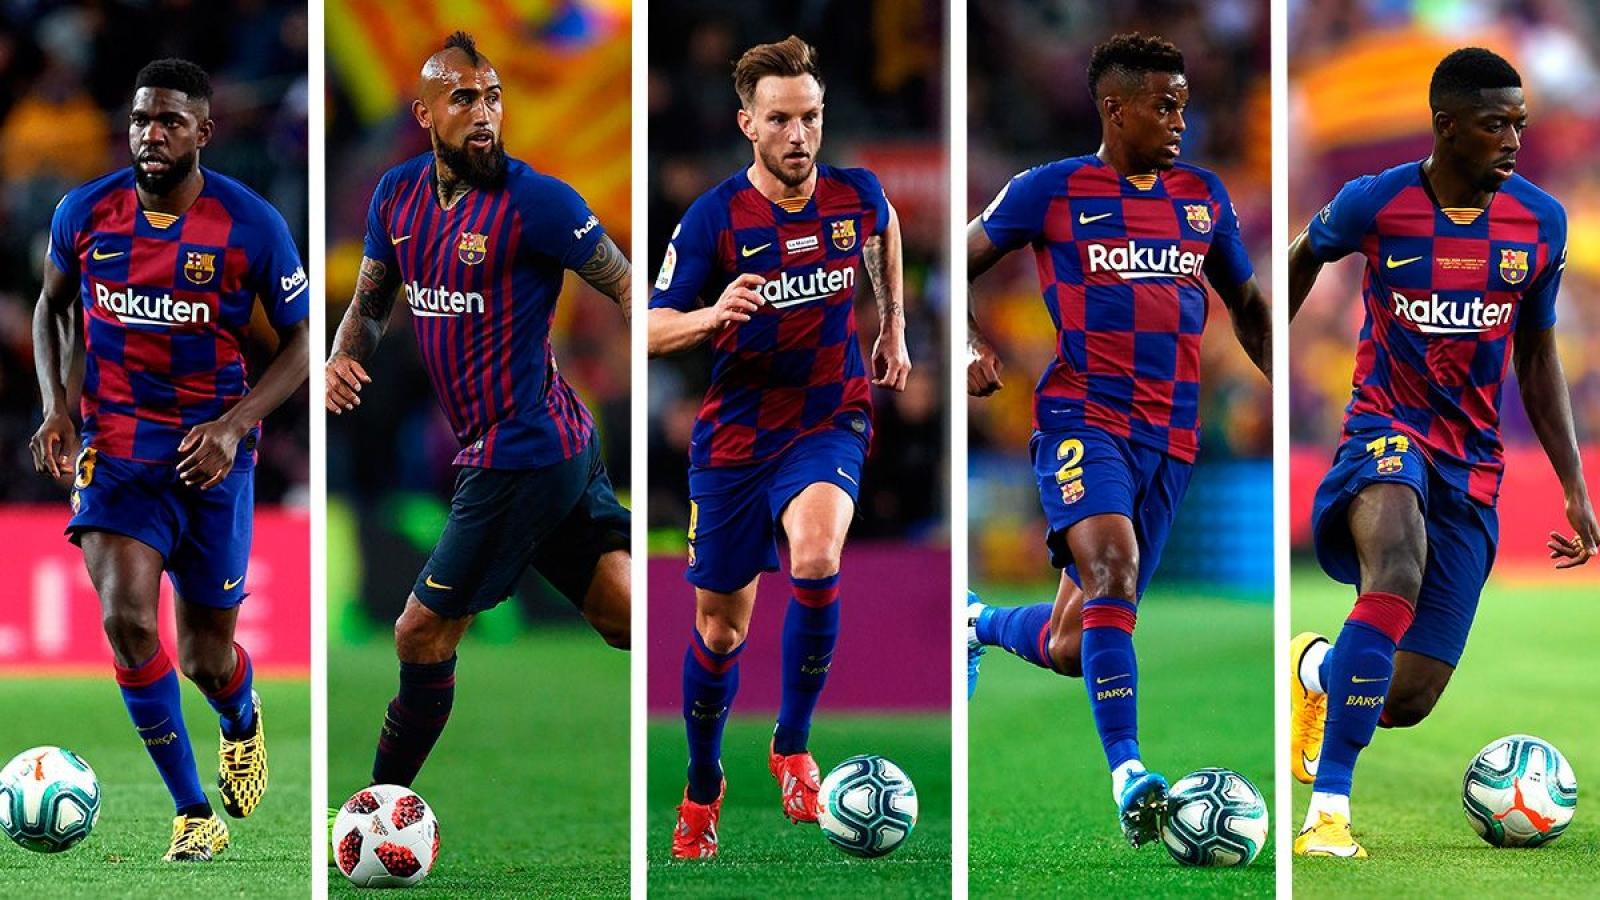 Barca sẵn sàng bán 9 cầu thủ ở kỳ chuyển nhượng Hè 2020